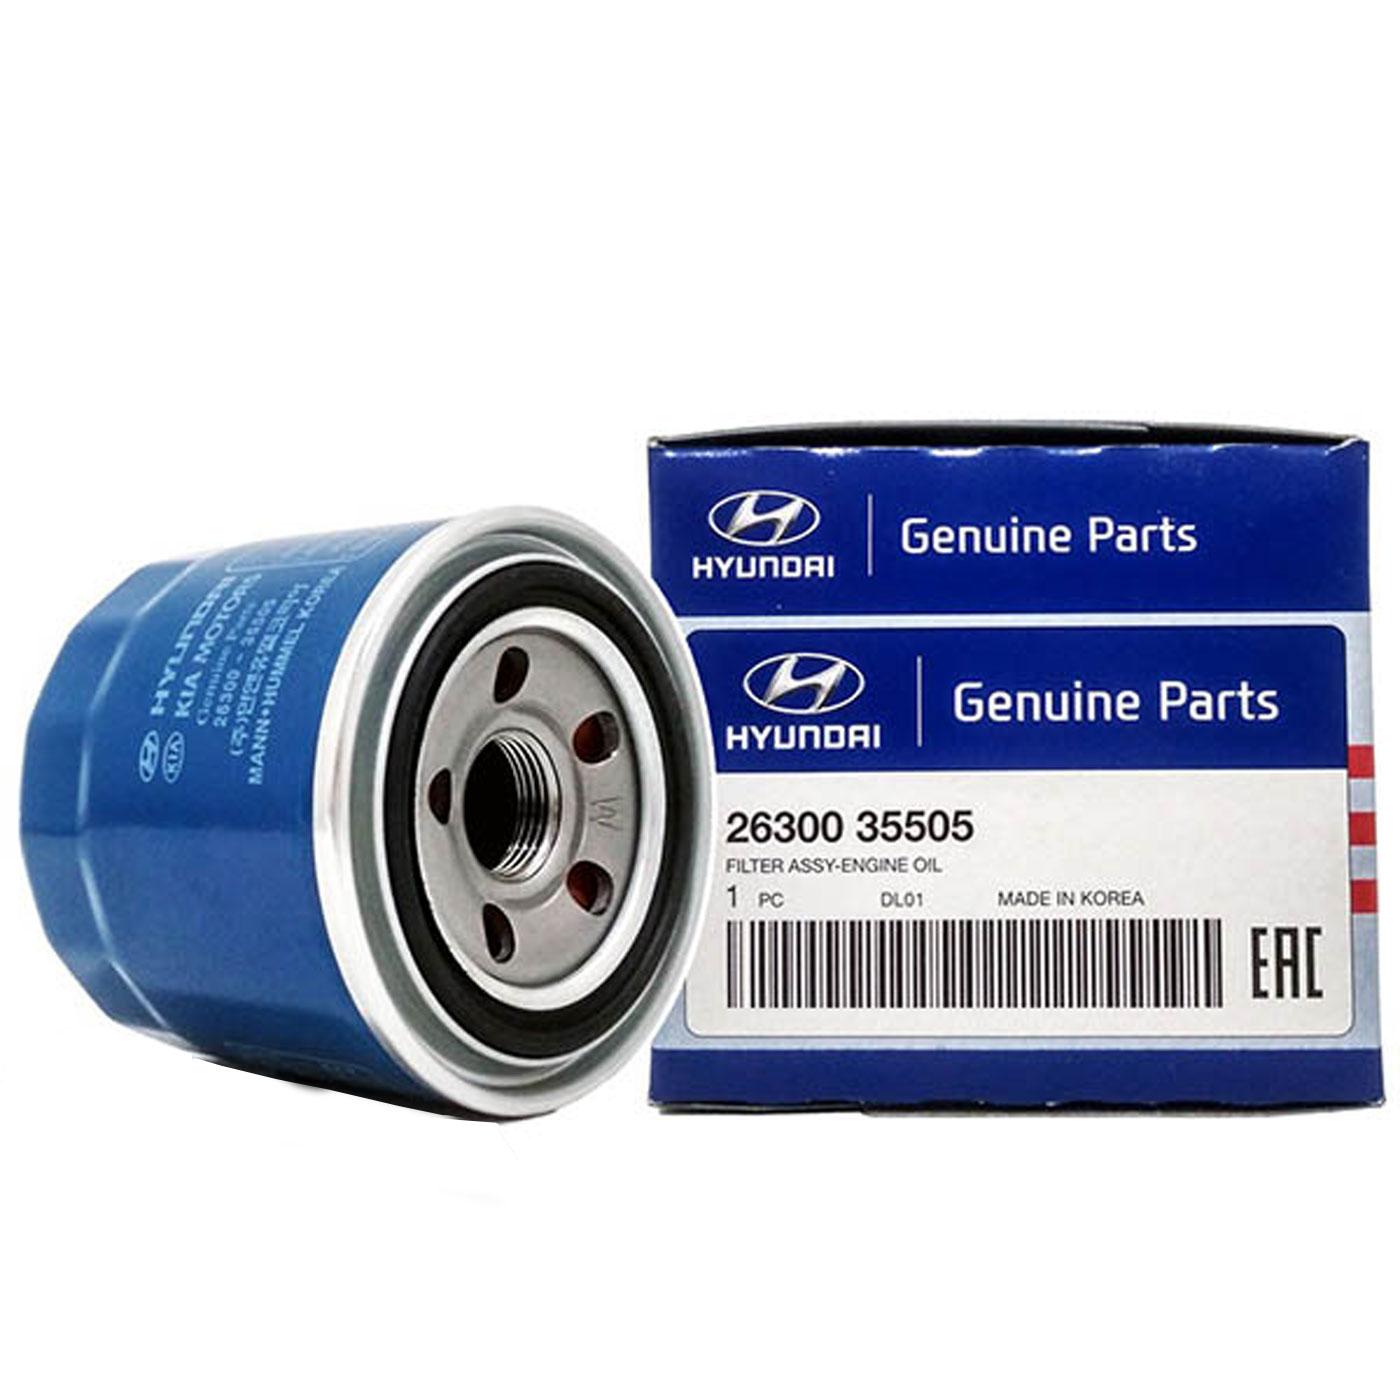 فیلتر روغن خودرو هیوندای جنیون پارتس مدل 35505 مناسب برای هیوندای  ix35 main 1 4